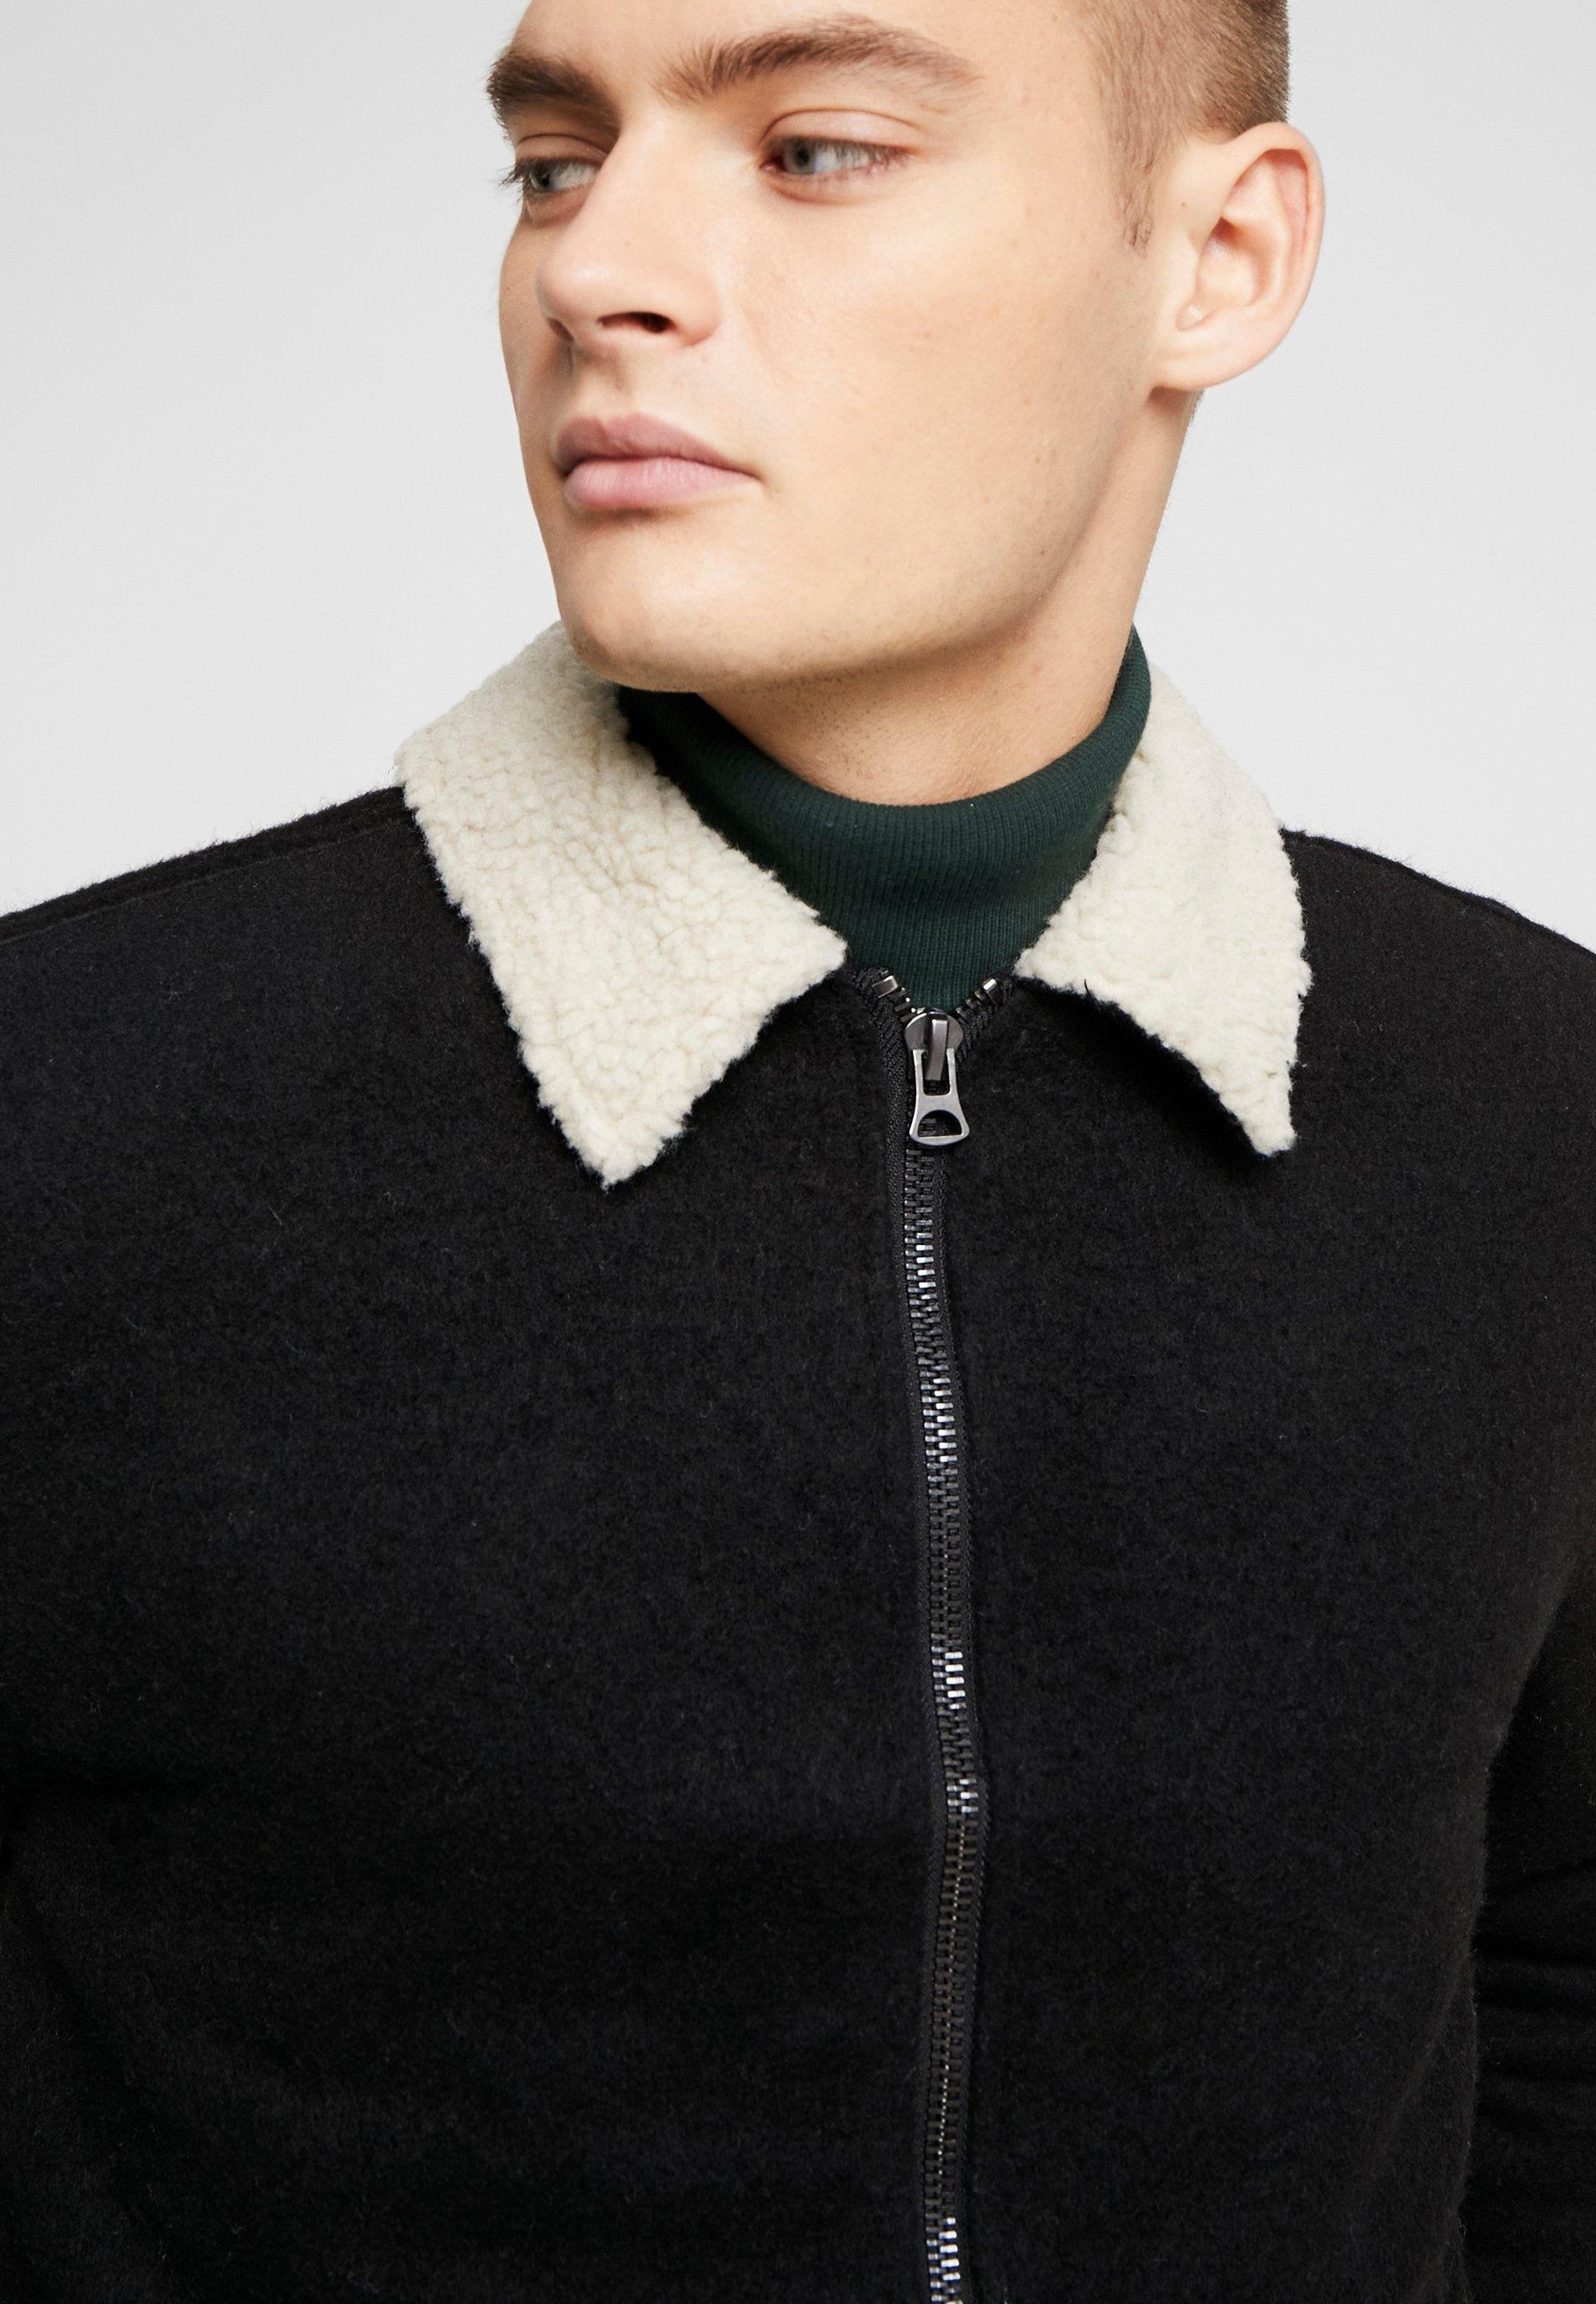 Cotton On Sherpa Trucker Jacket - Übergangsjacke Black